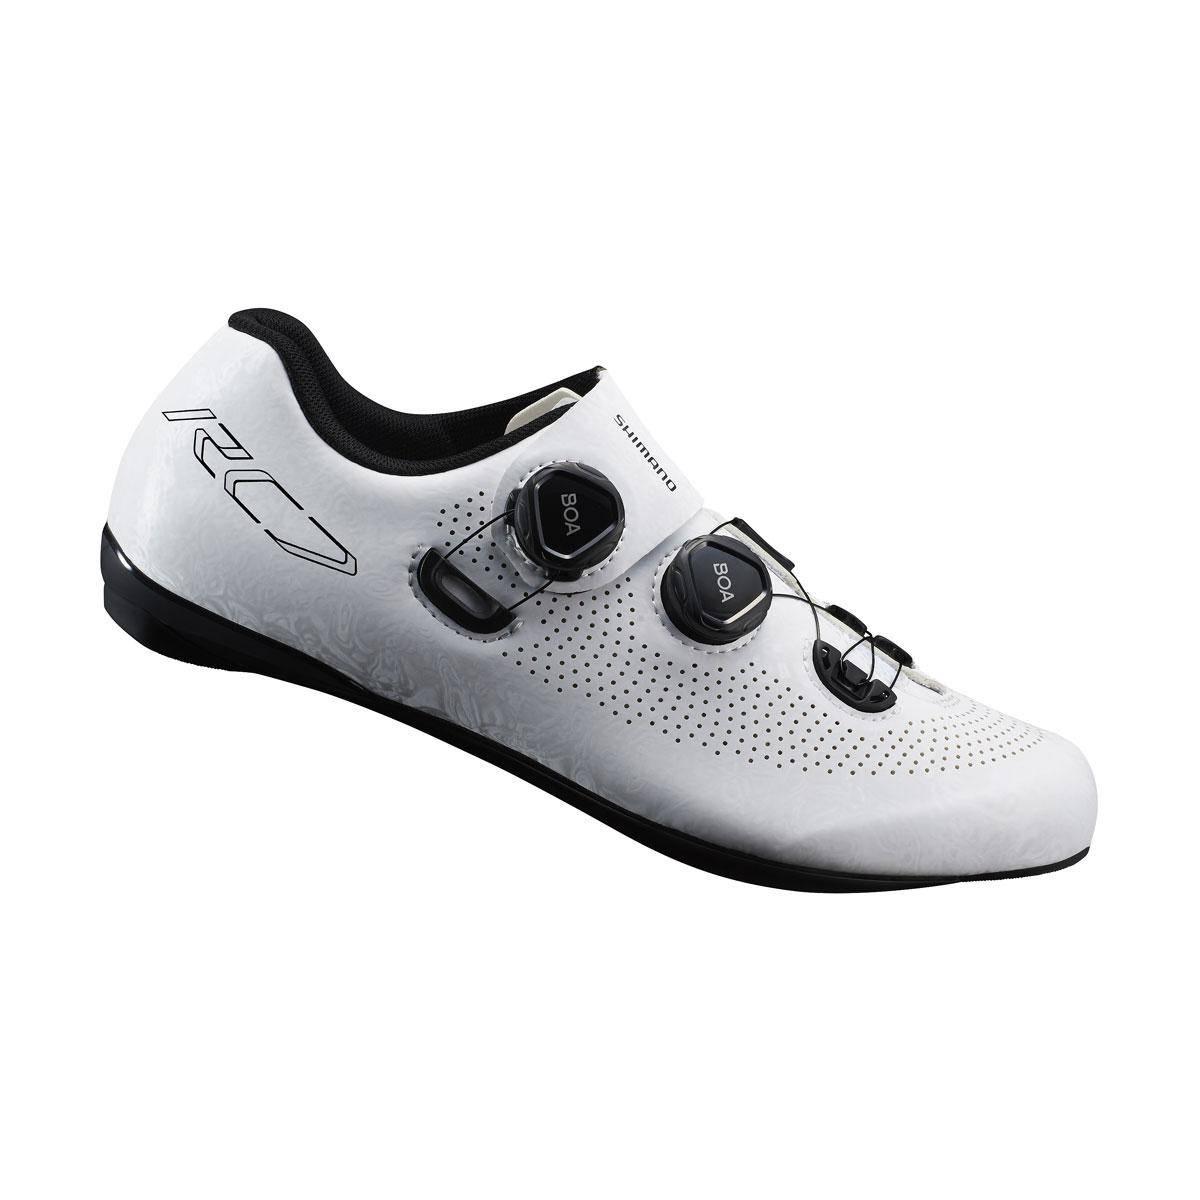 SHIMANO silniční obuv SH-RC701MW, bílá, 43